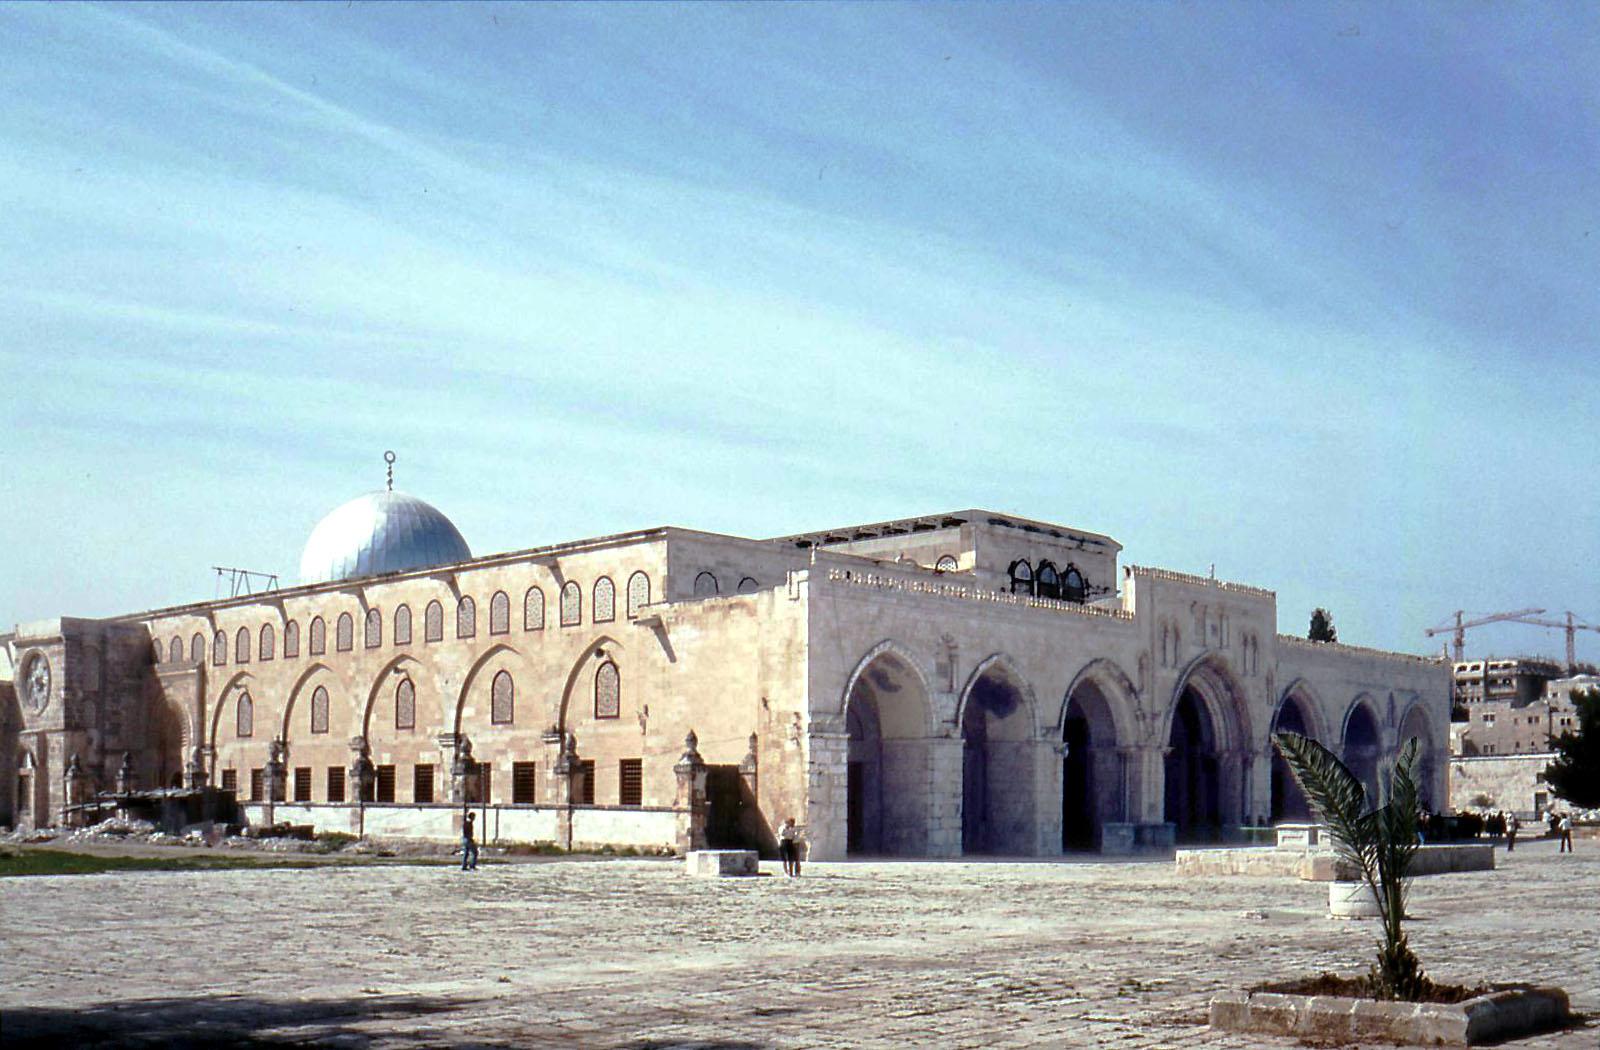 بالصور صور المسجد الاقصى , المسجد الاقصي هو احد اكبر مساجد العالم 1990 11